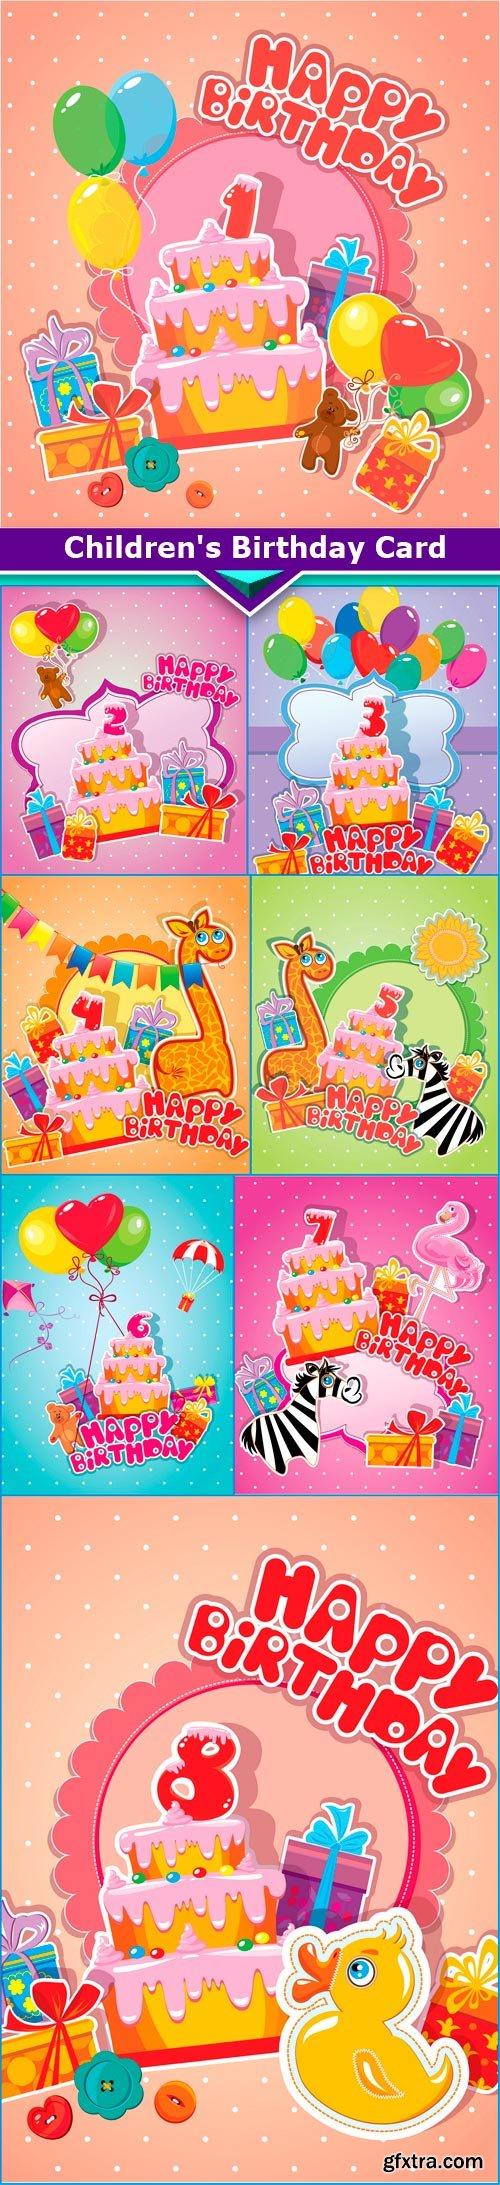 Children's Birthday Card 8x JPEG